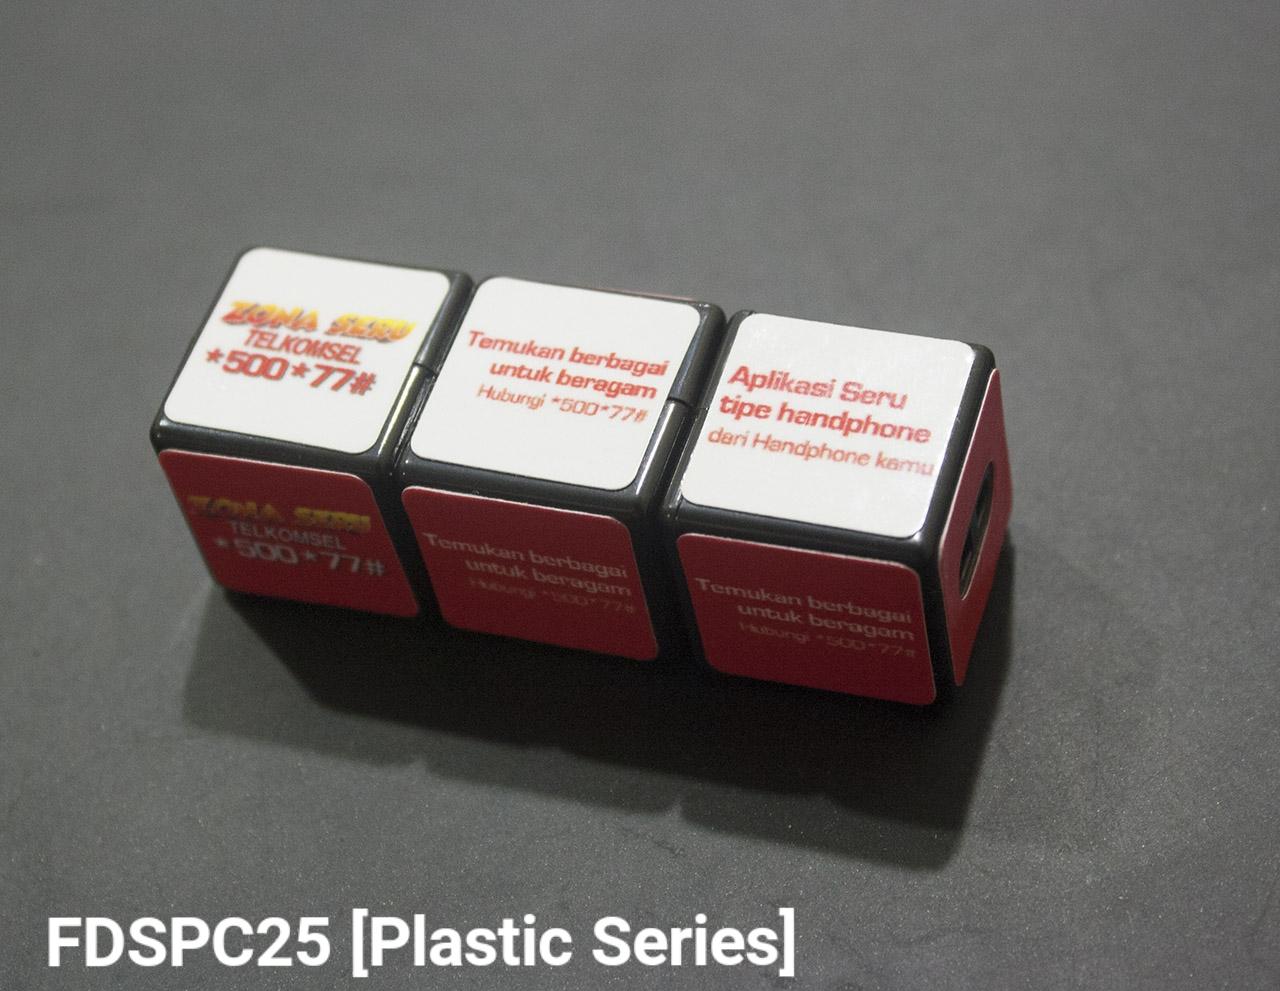 Flashdisk Plastic Series